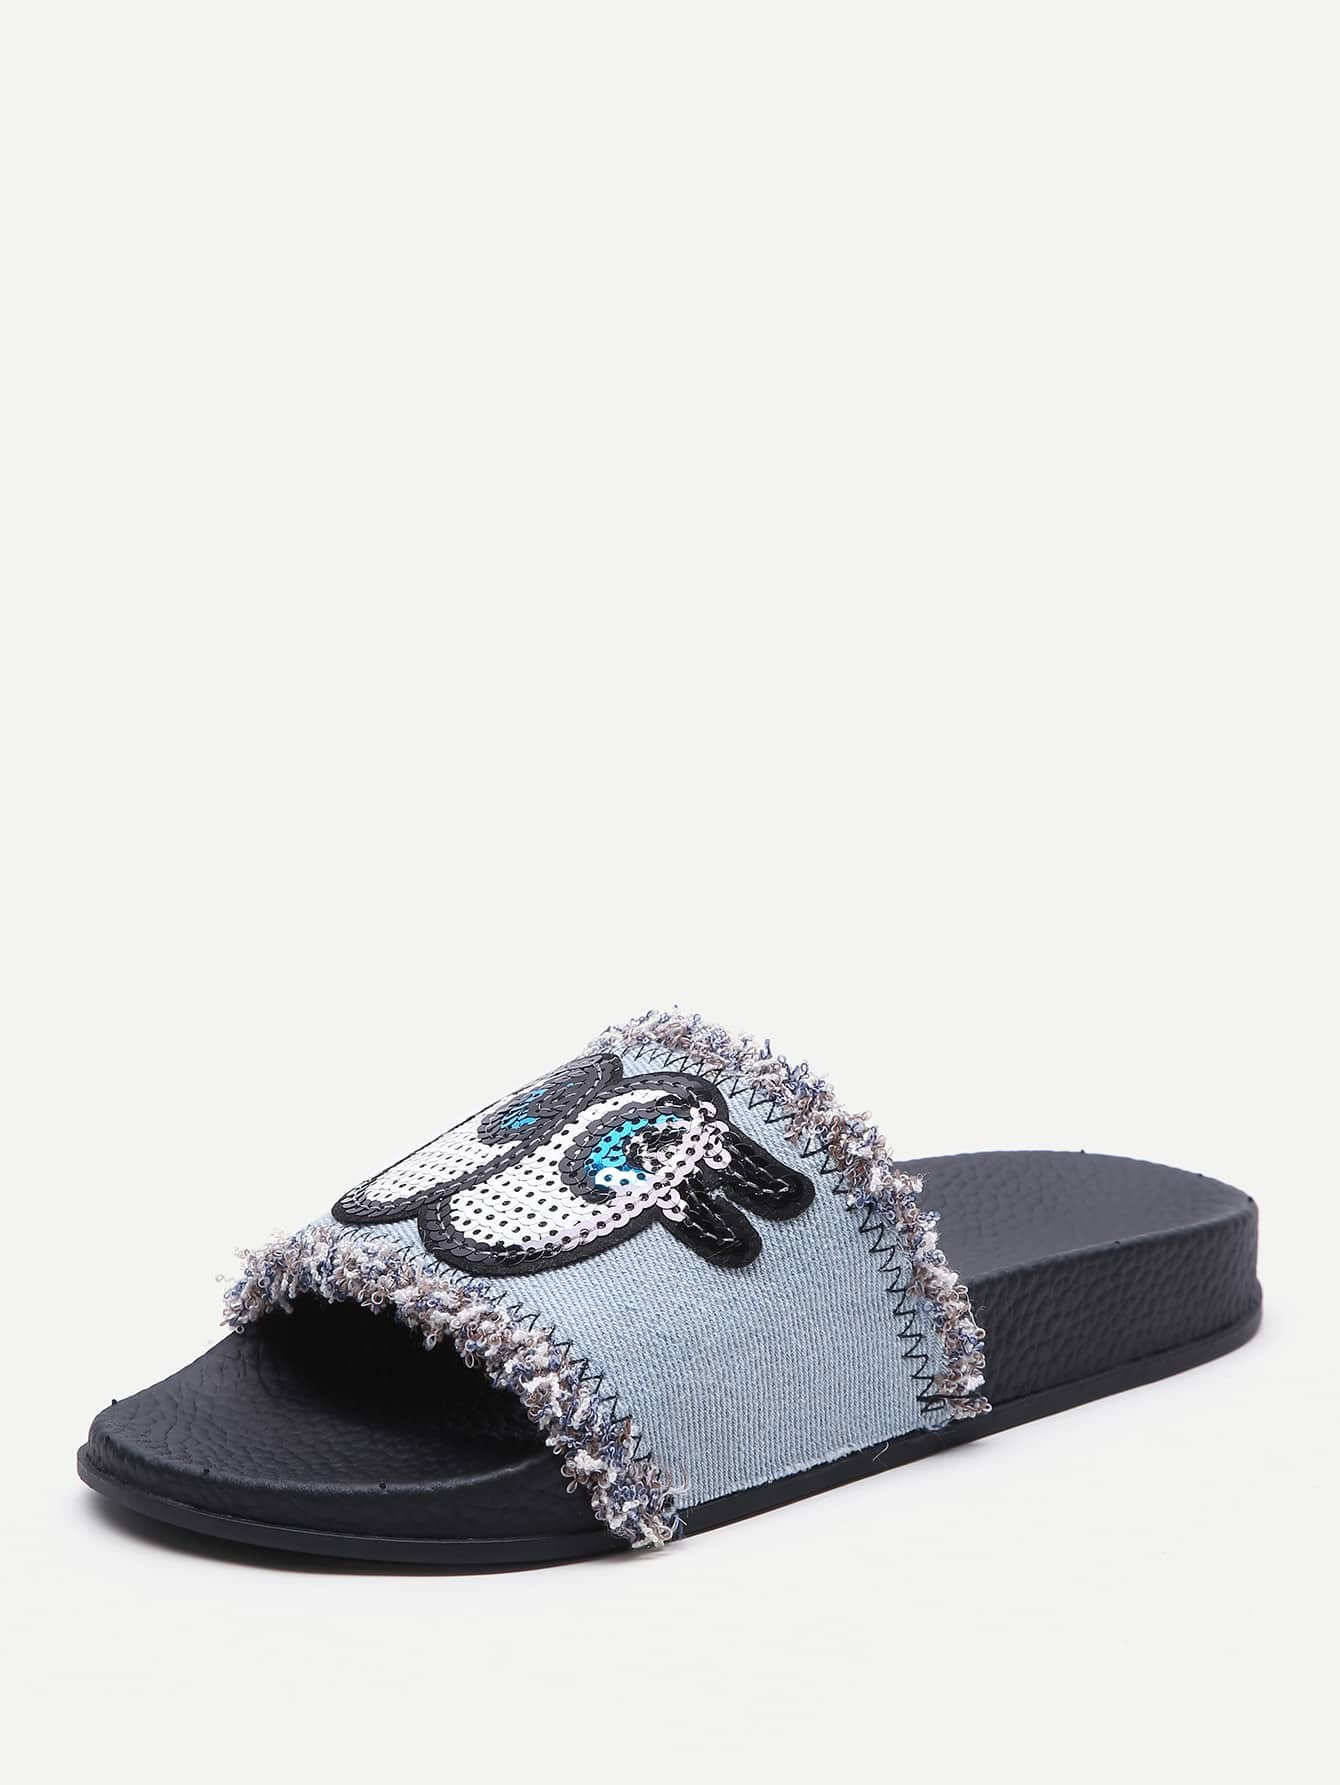 shoes170303809_2